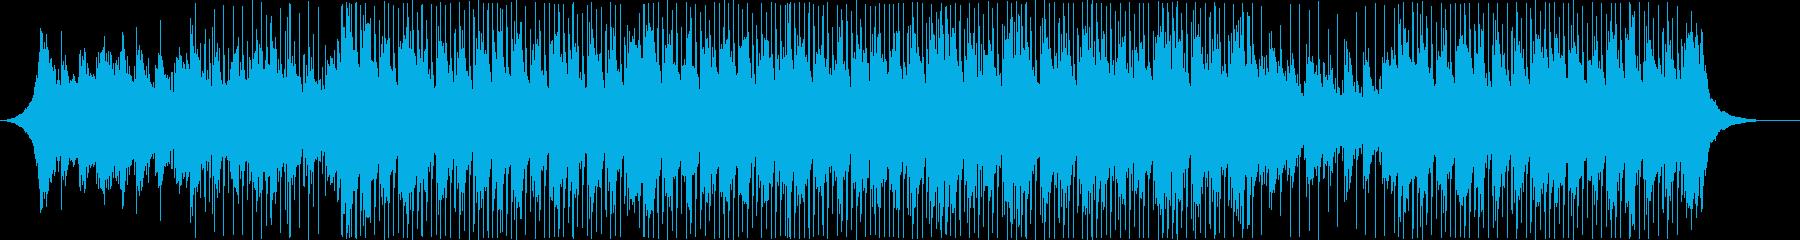 アコギ・ピアノ・壮大・感動的・洋楽風VPの再生済みの波形